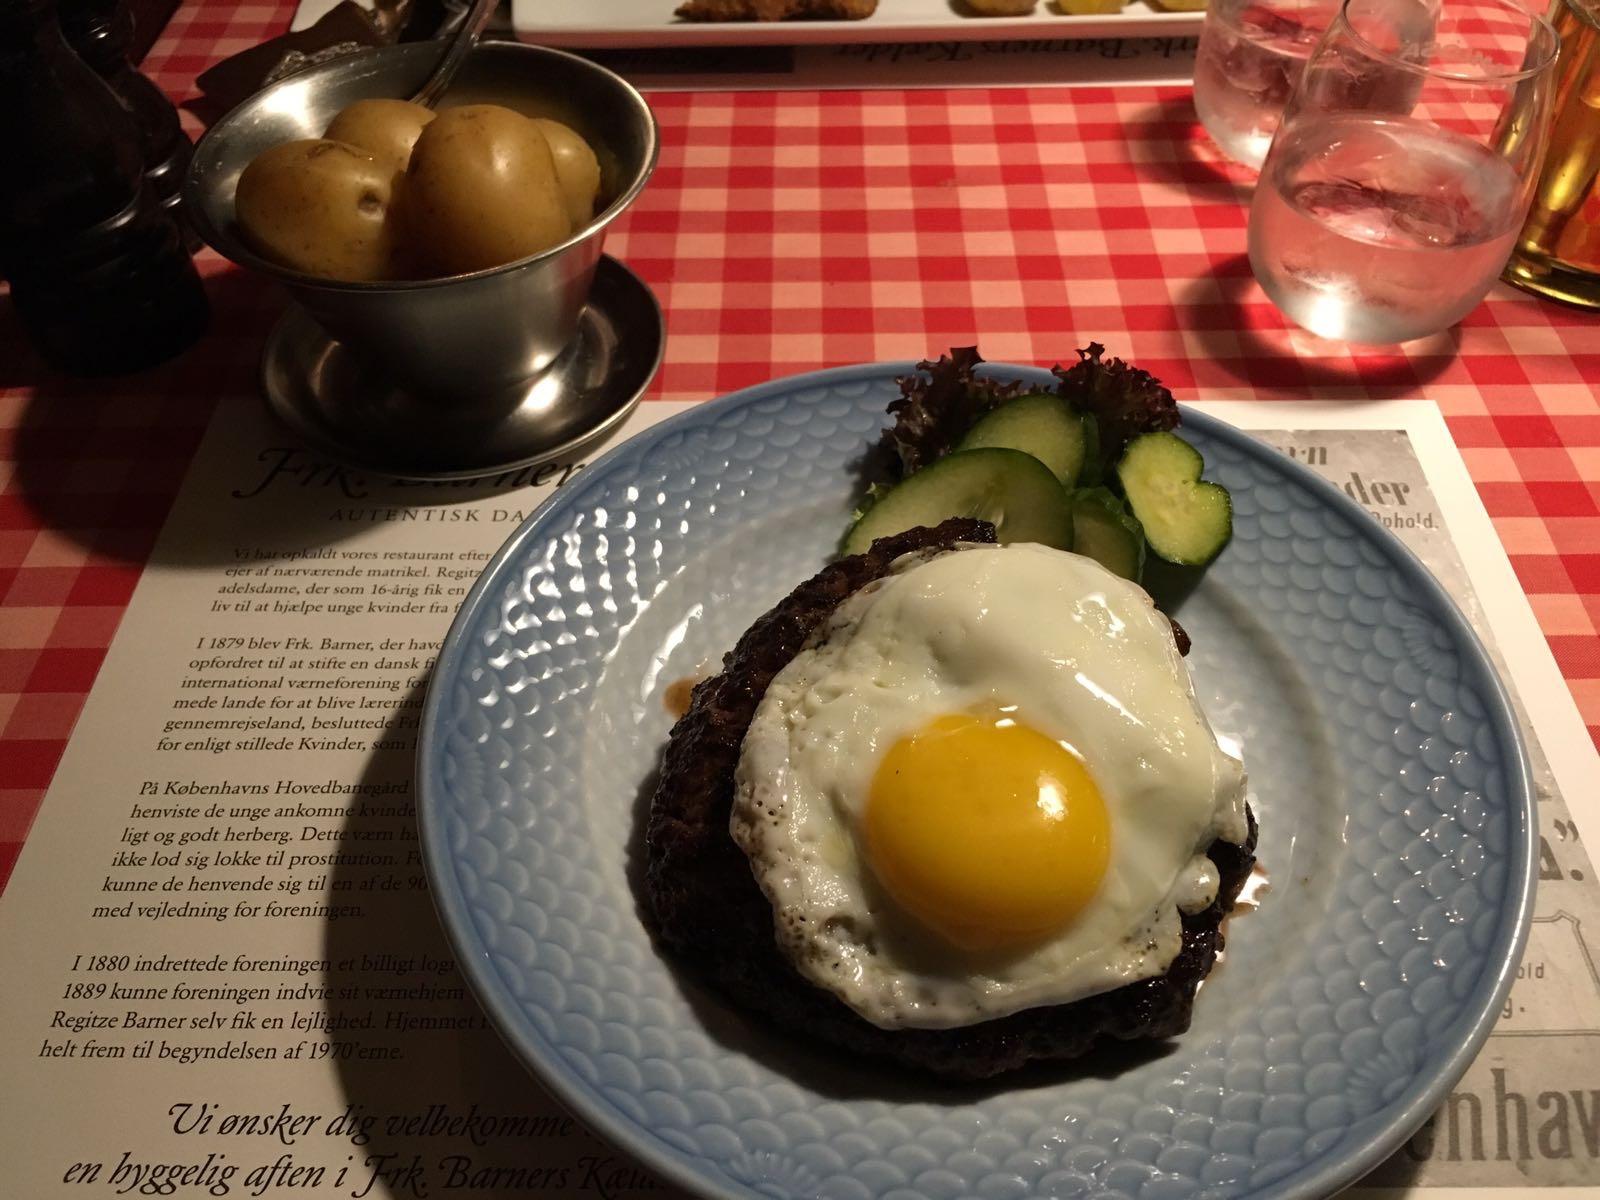 kopenhagen-foodguide-essen-tipps-empfehlung-food-copenhagen_5392